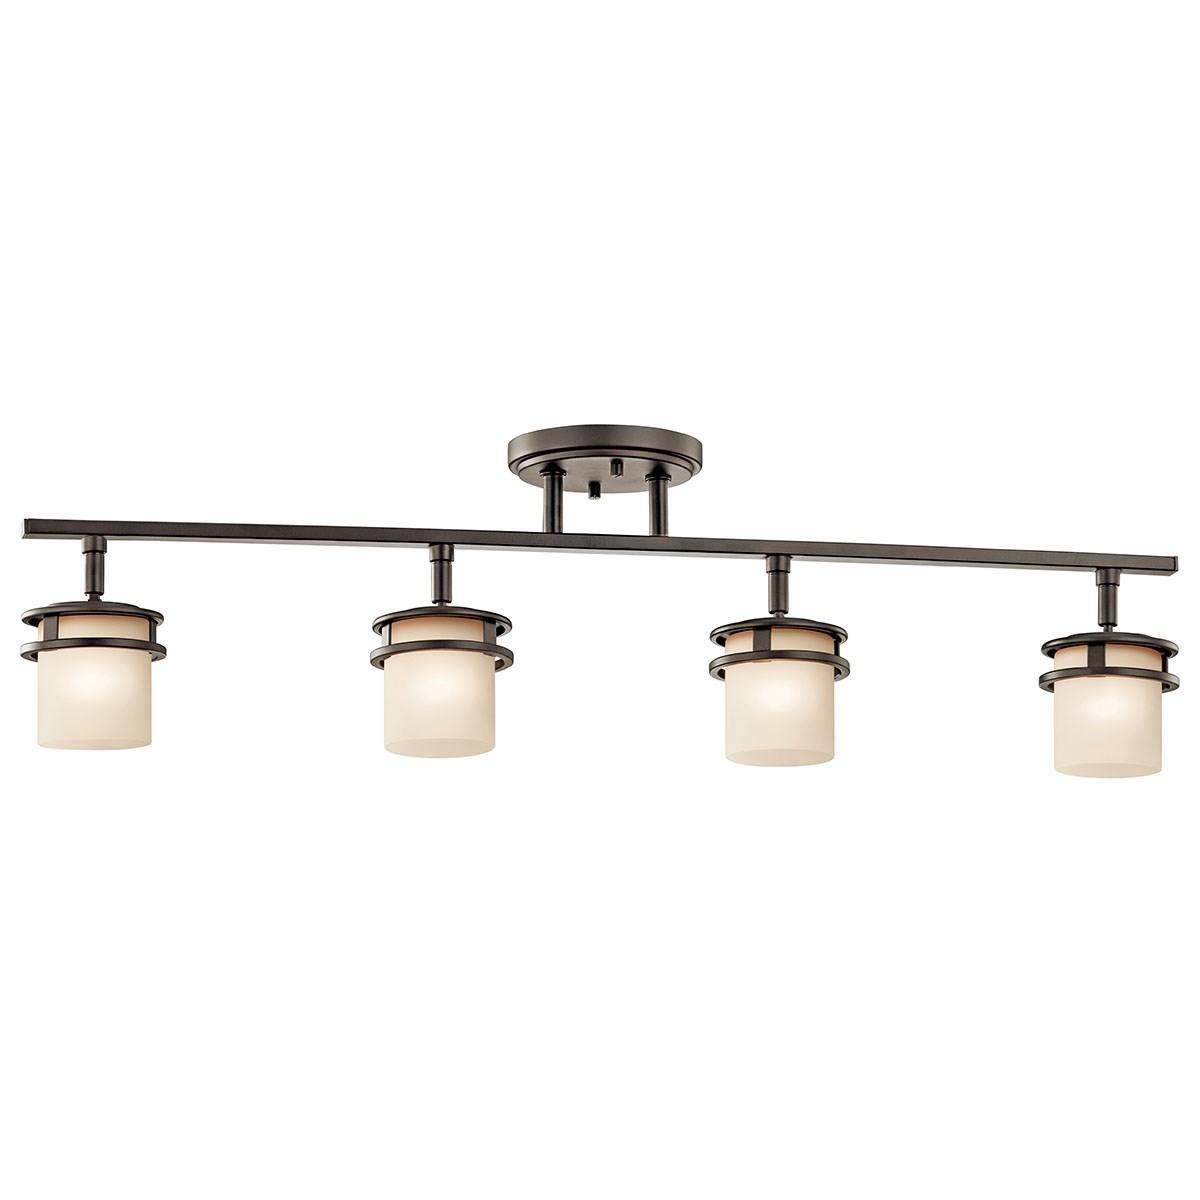 Hendrik 4 Light Rail Olde Bronze Kichler Lighting